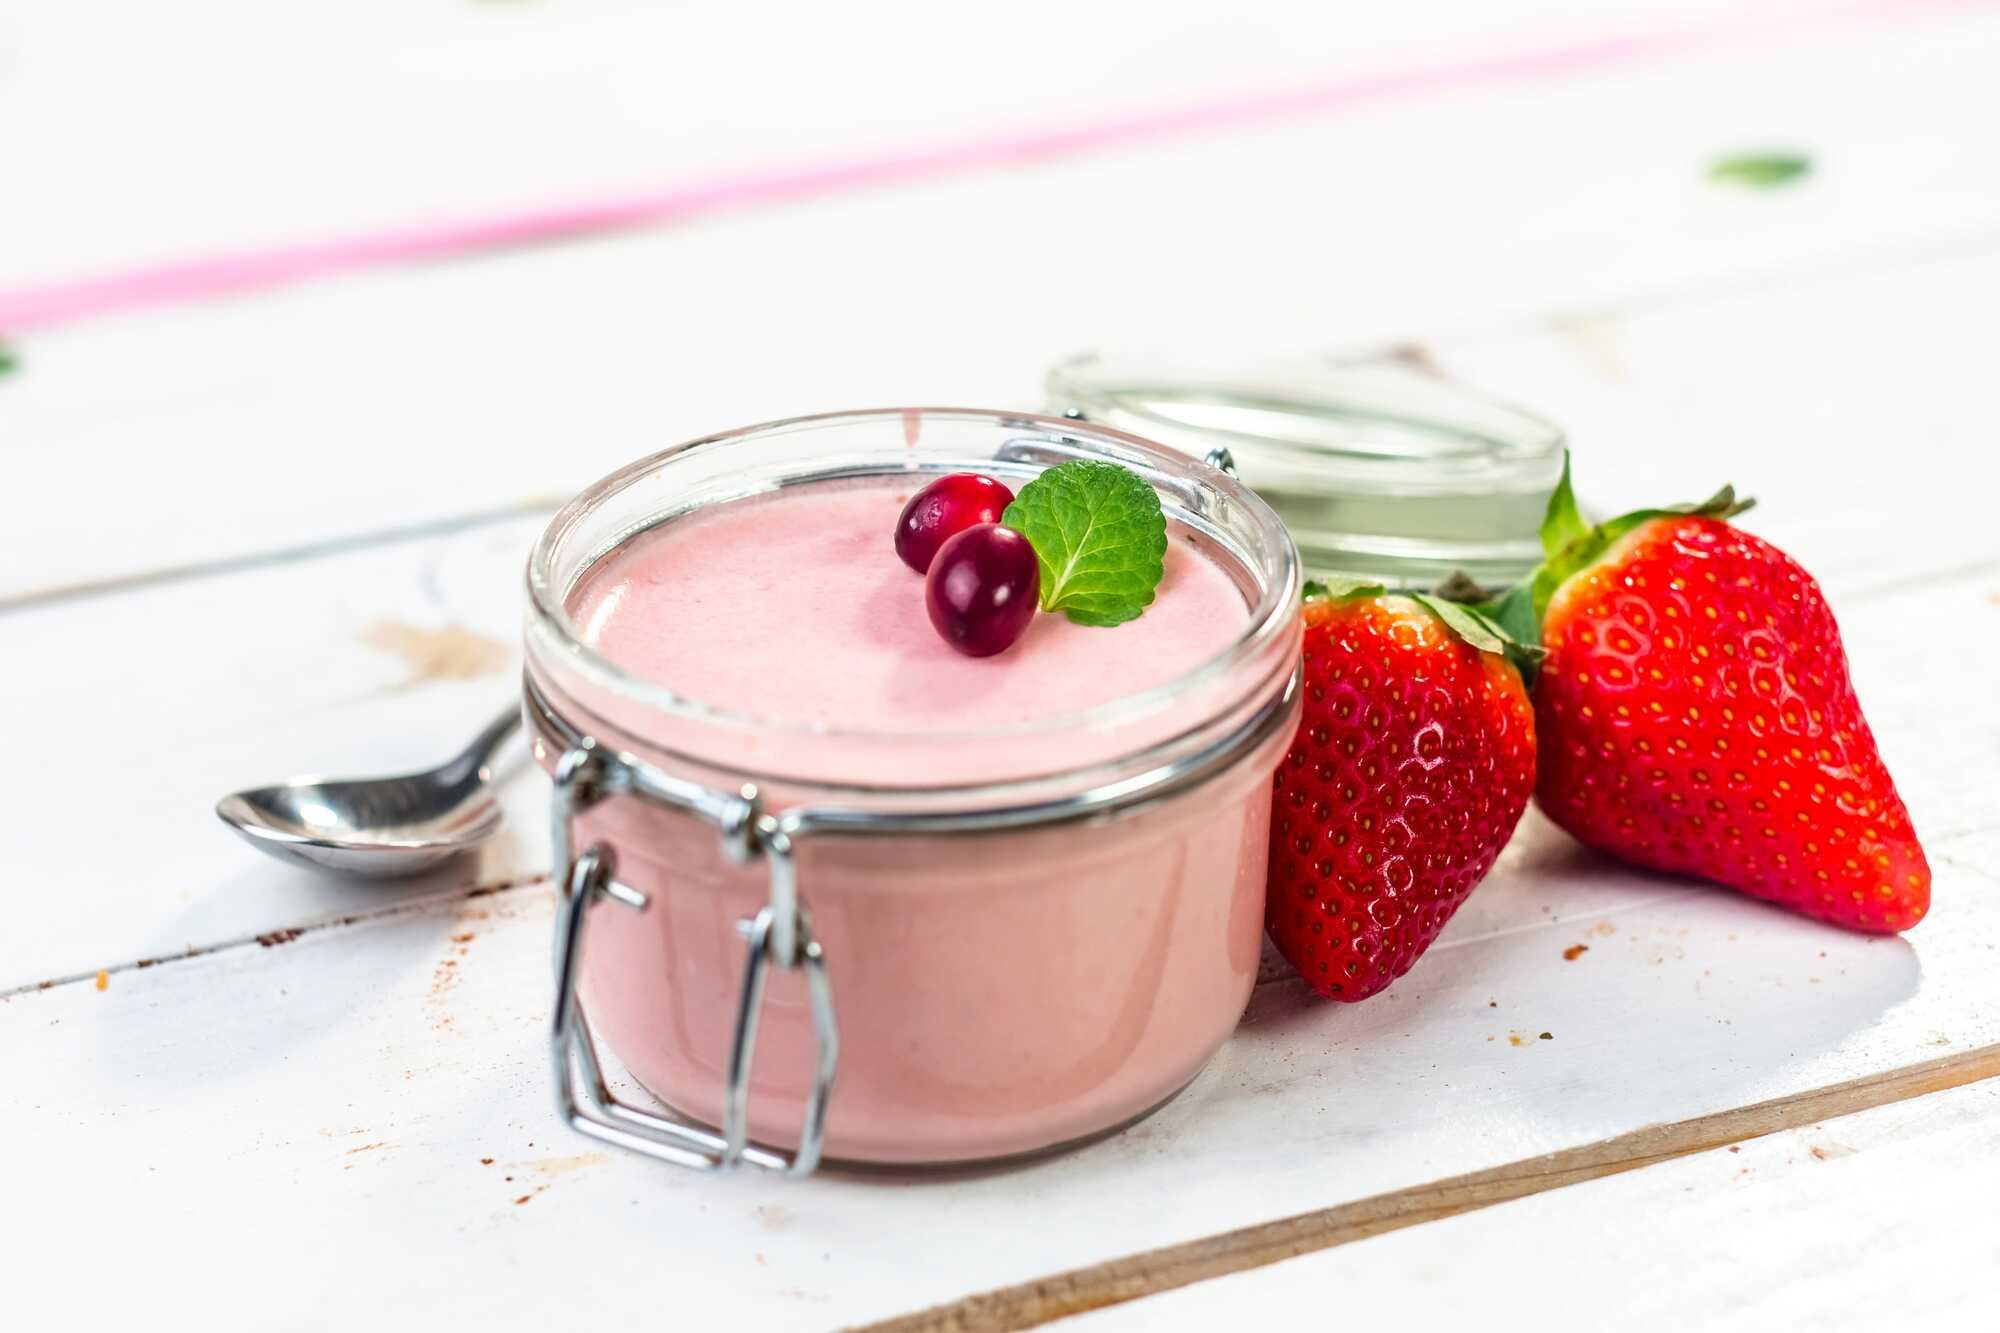 La panna-cotta est présentée à l'intérieur d'un bocal en verre ouvert qui sert à faire des conserves. Deux grosses fraises se trouvent à côté.